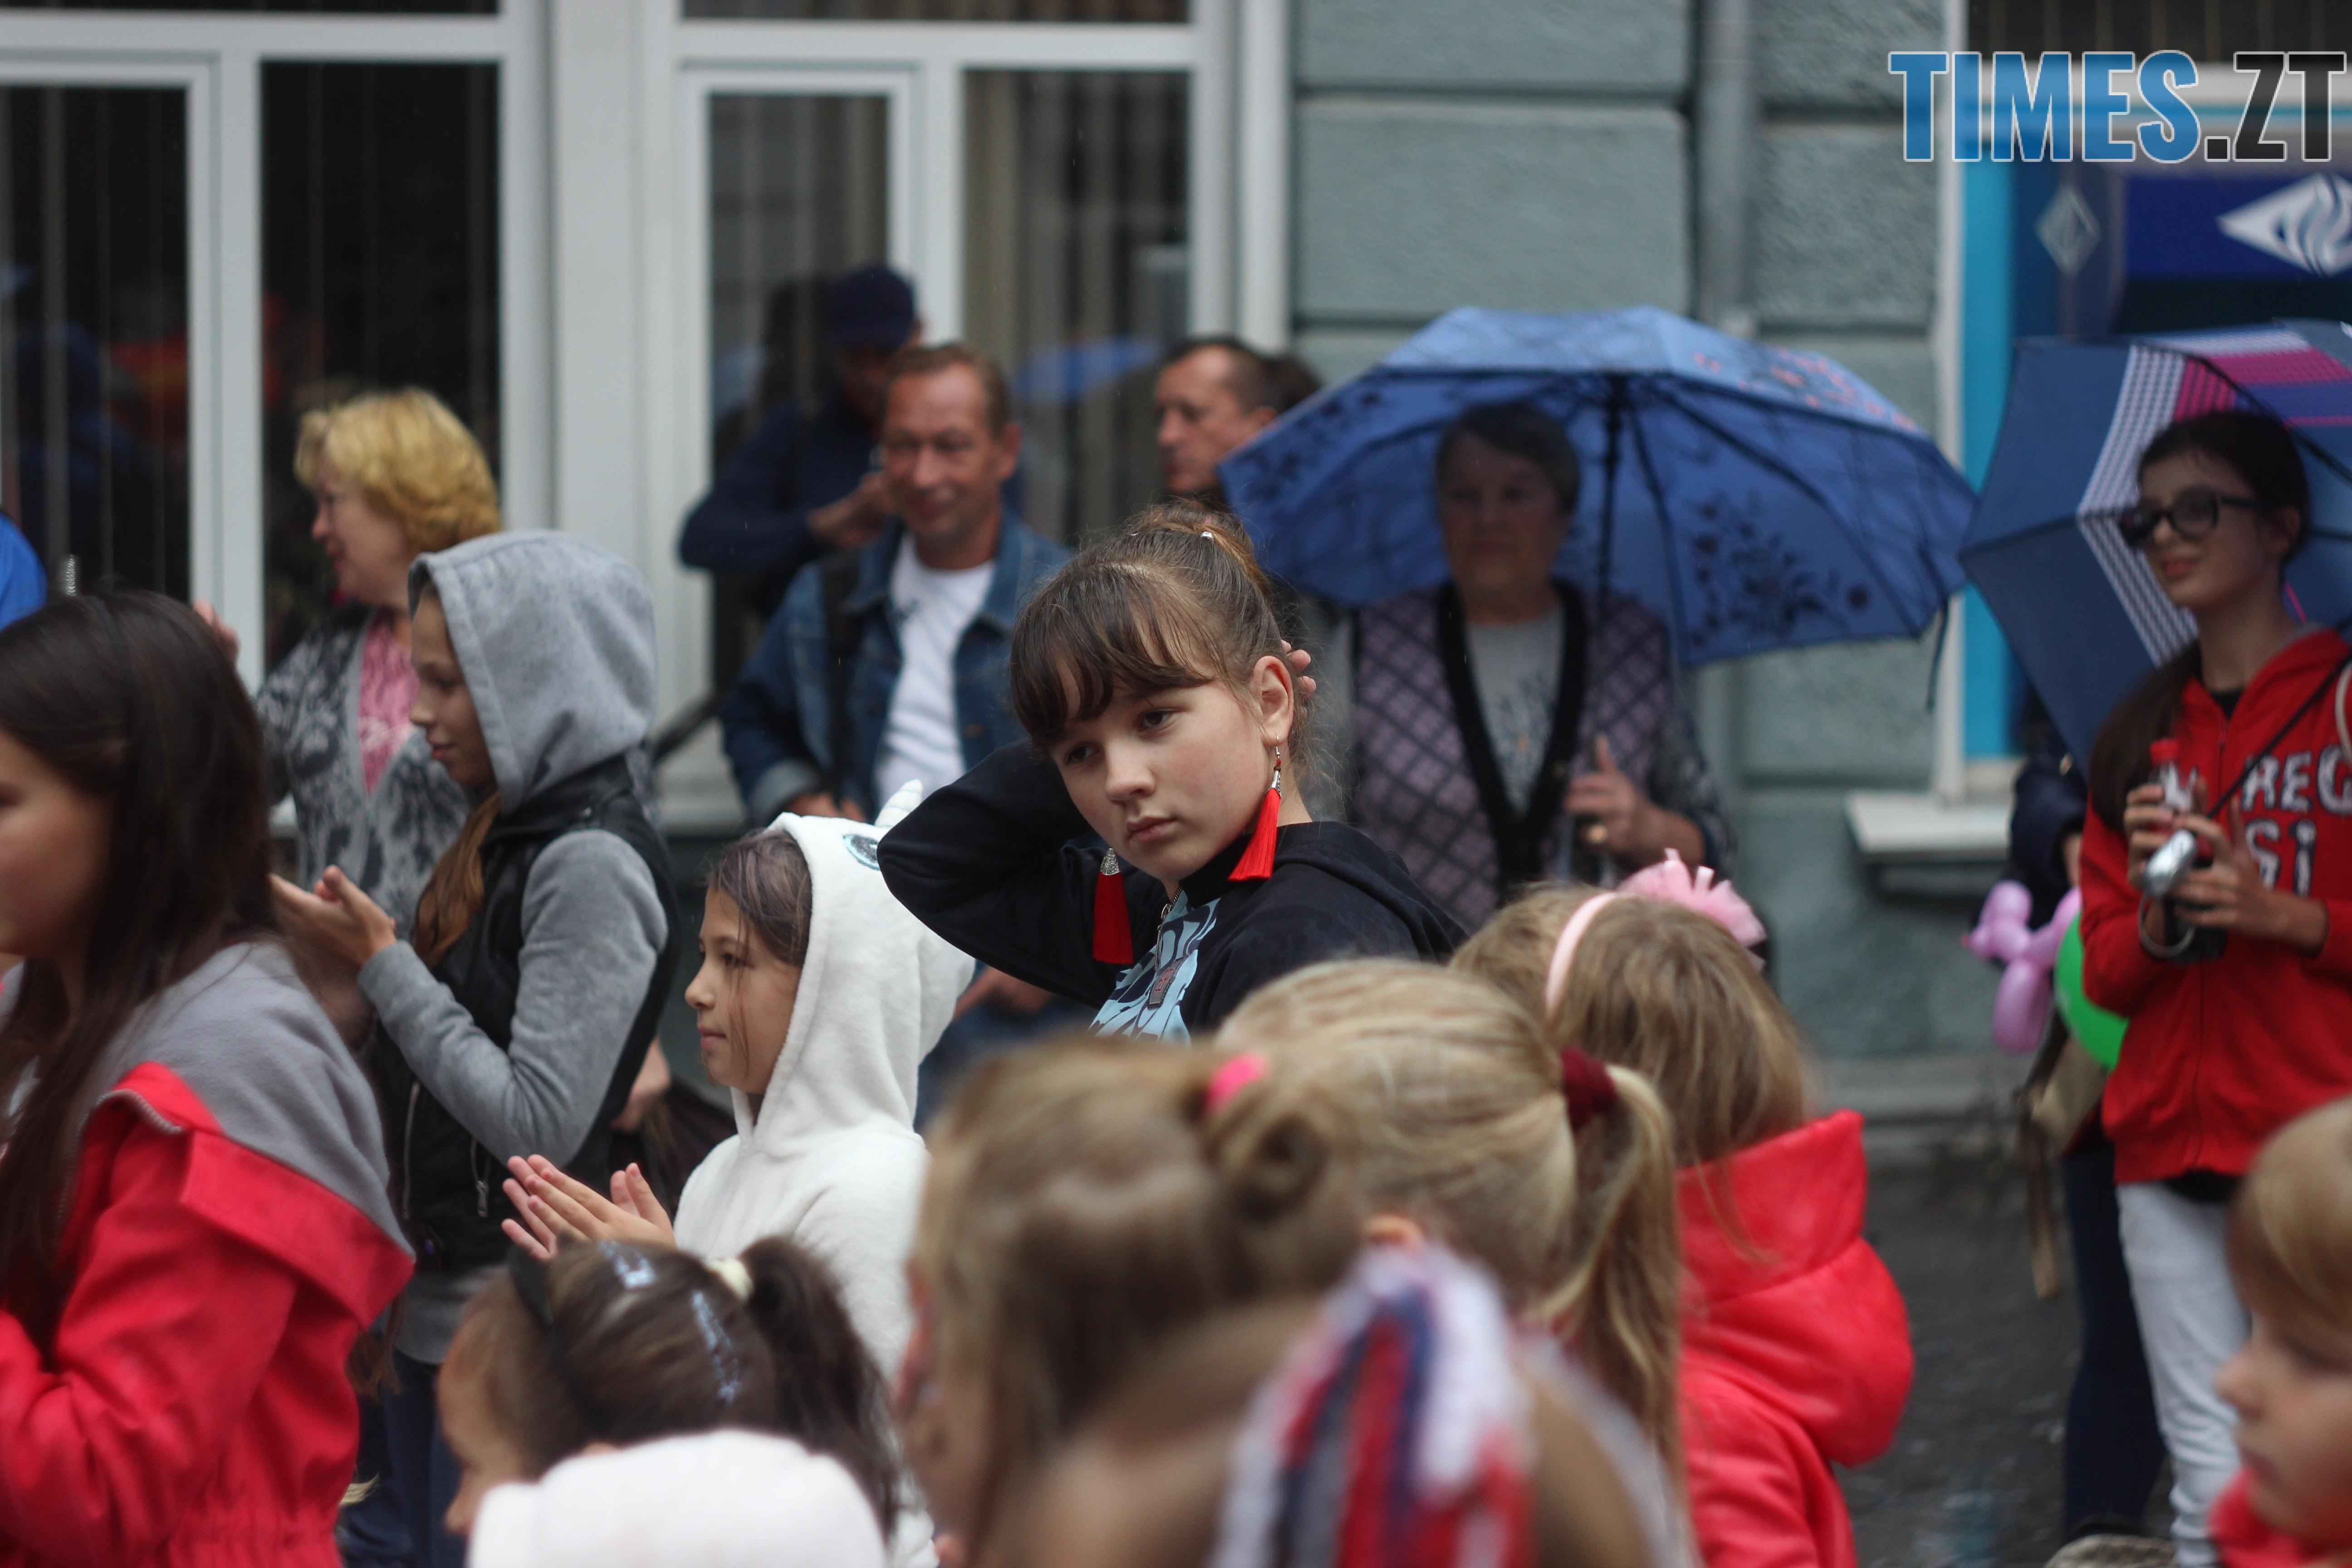 IMG 9693 - Дитячі розваги на Михайлівській: маленькі житомиряни святкують День міста (ФОТО)